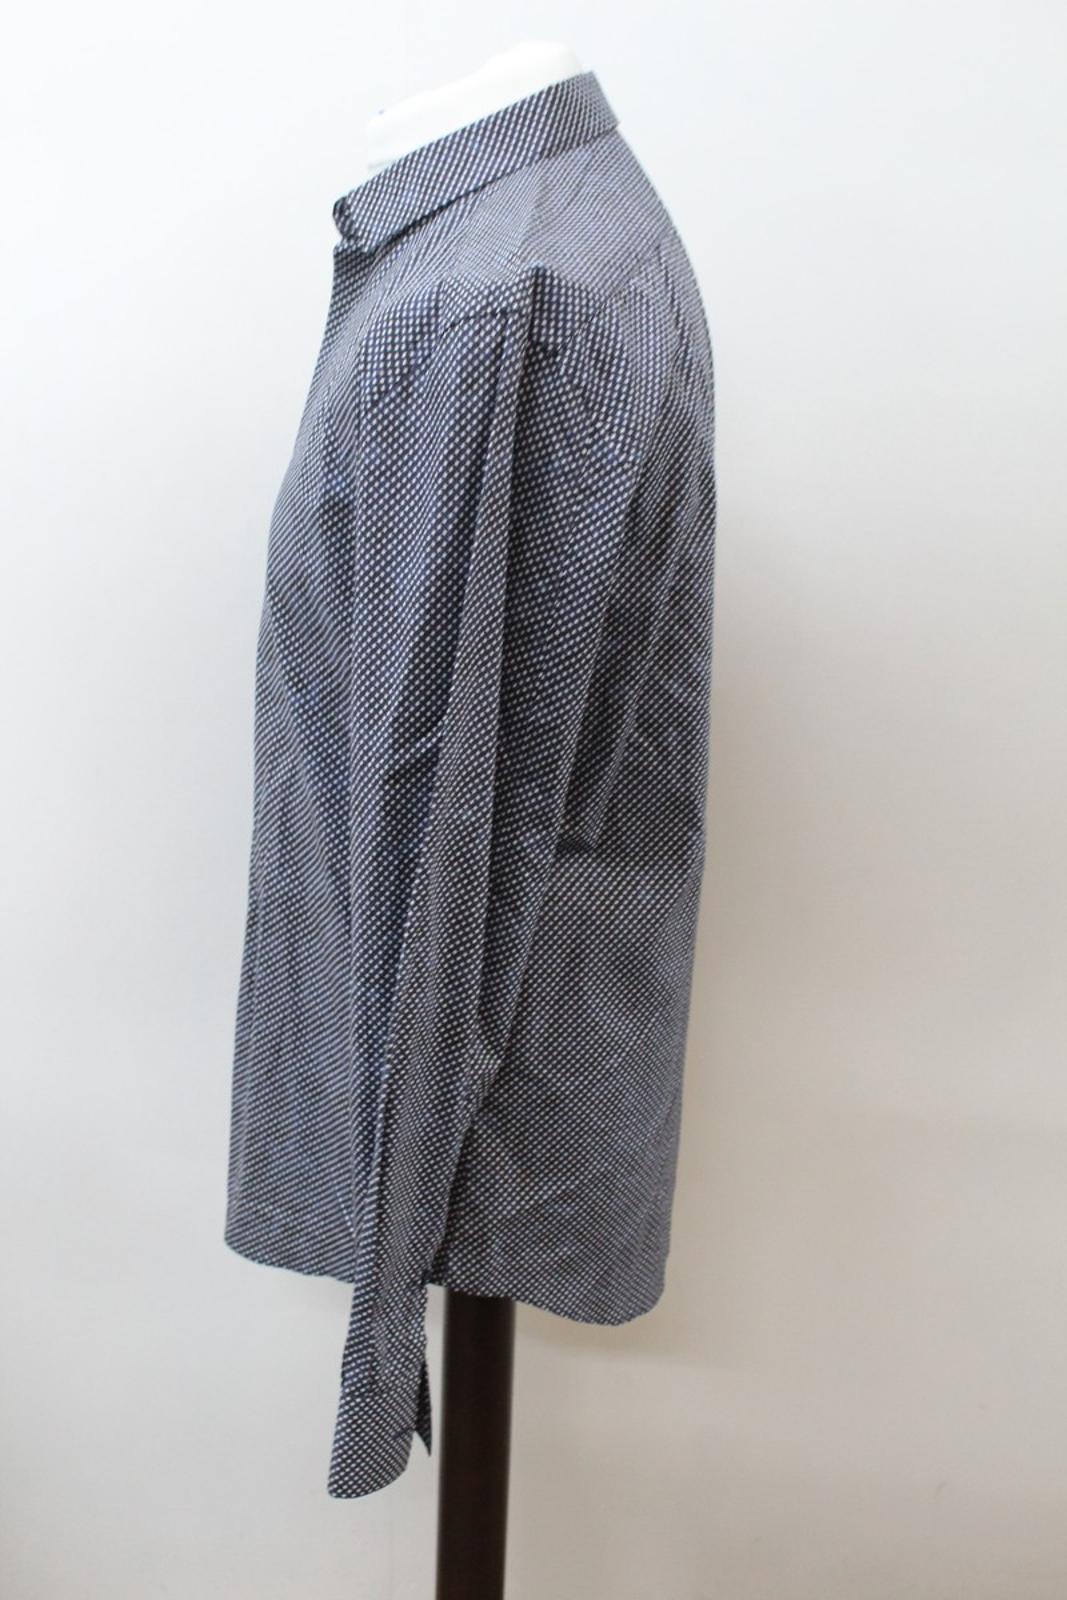 Neil-Barrett-Hombre-Azul-Negro-Algodon-Estampado-de-Estrellas-Formal-Camisa-Cuello-16-5-034-42cm miniatura 6